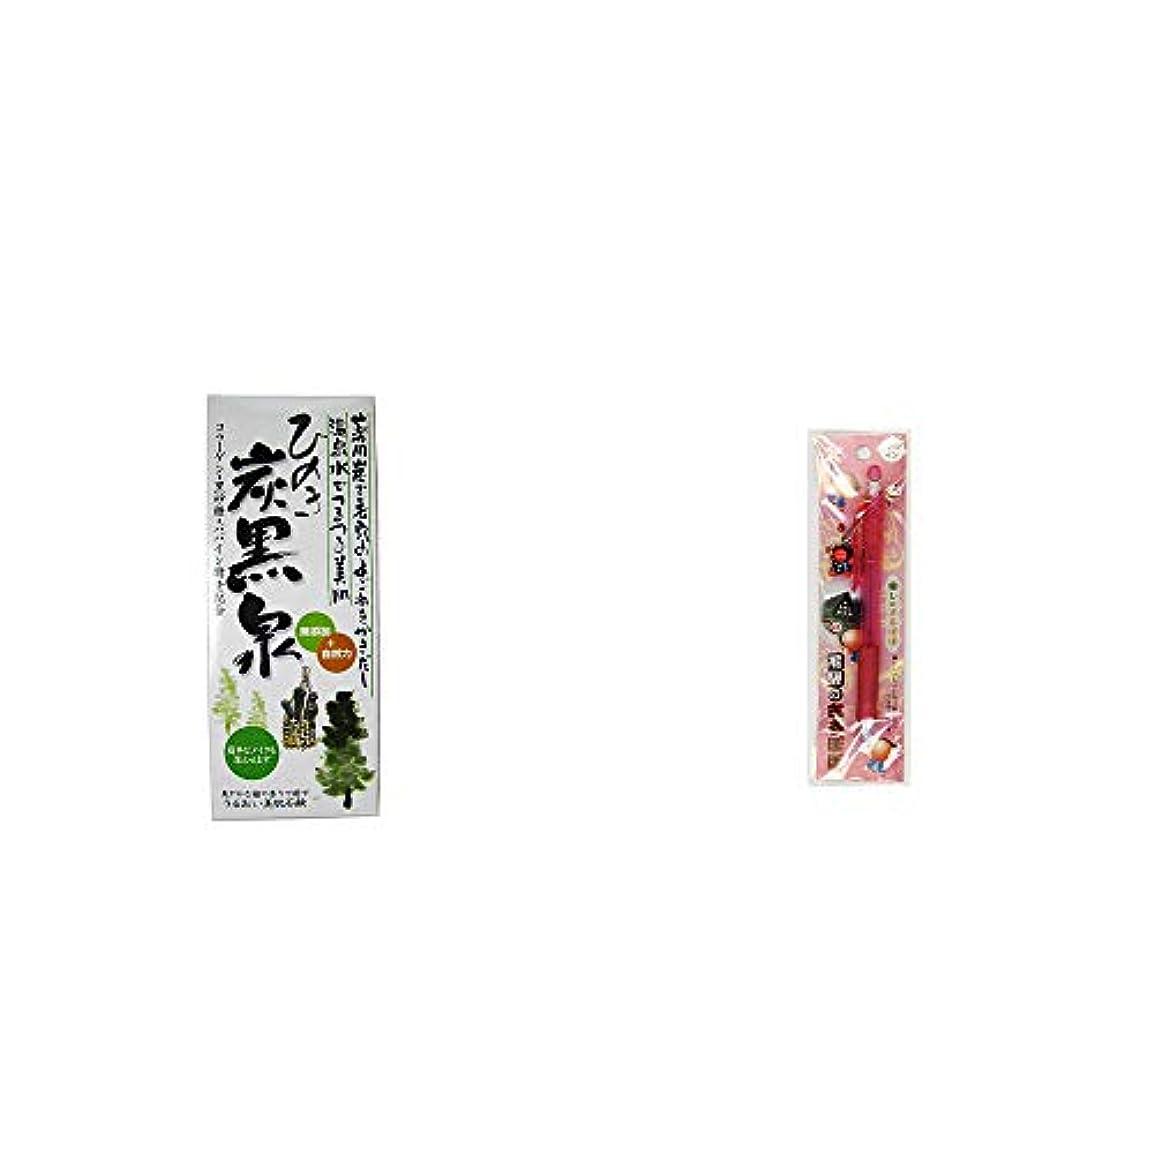 クレーター動的ホーム[2点セット] ひのき炭黒泉 箱入り(75g×3)?さるぼぼ 癒しシャープペン 【ピンク】